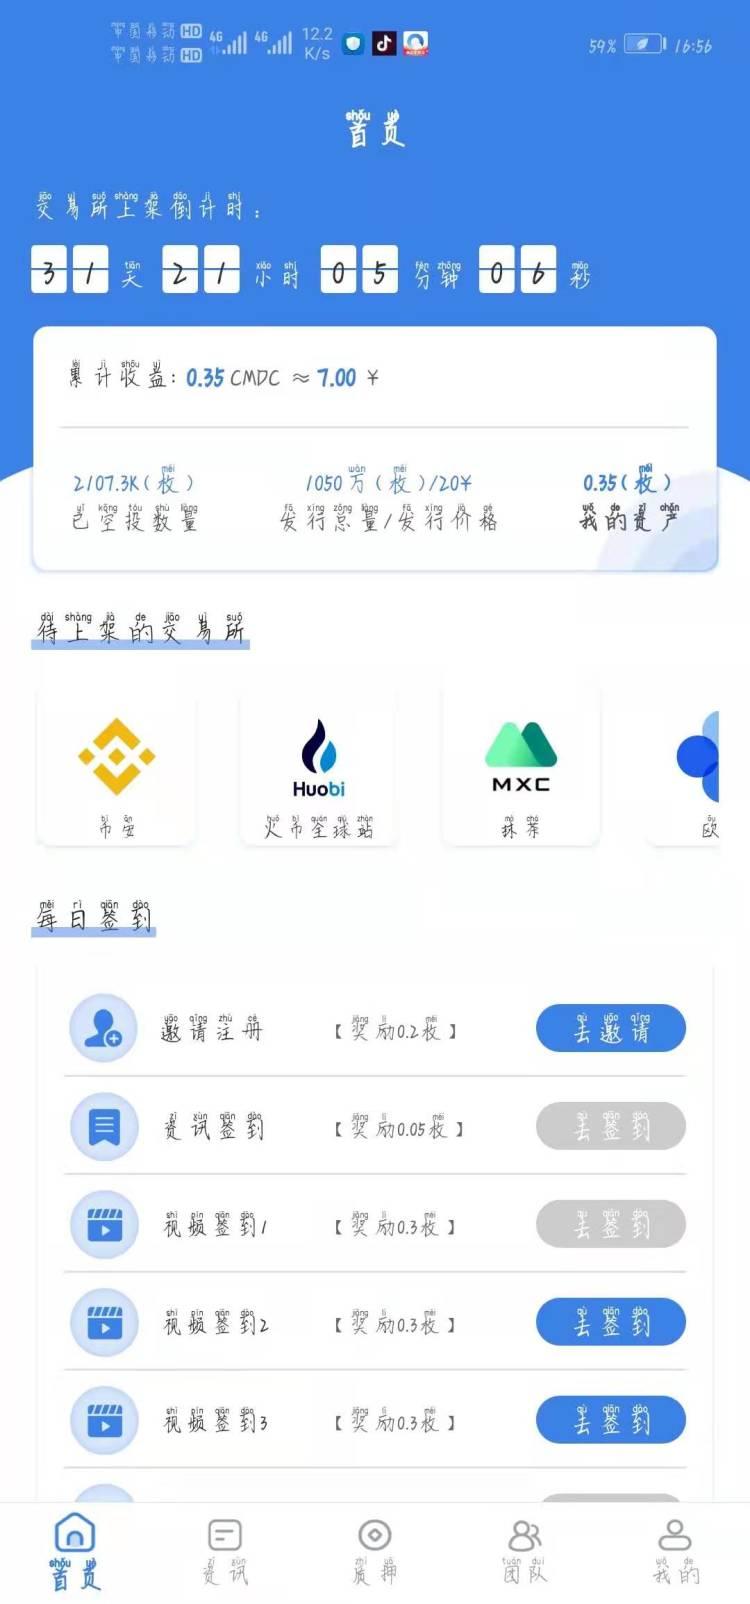 CDMC最新版撸羊毛赚钱-区块链活动